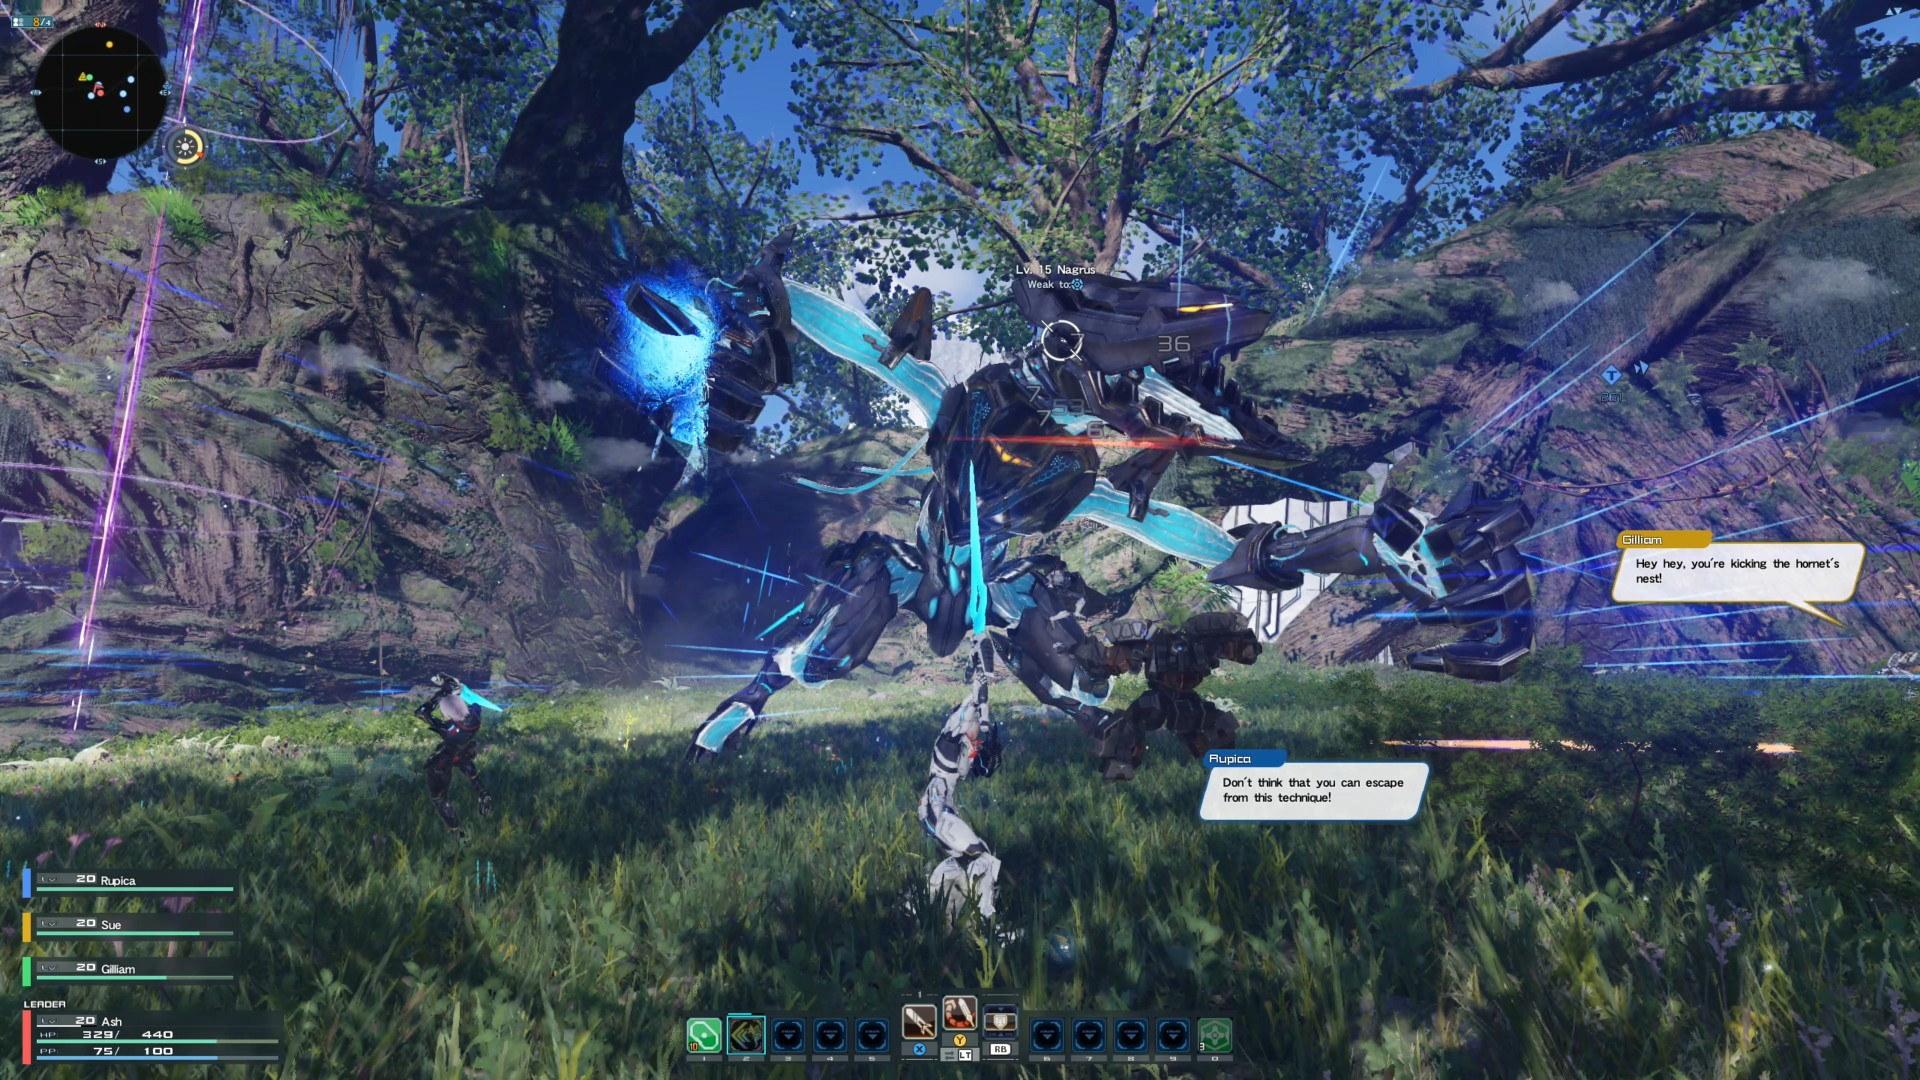 《梦幻之星online2:新世界》将在MMO里添加一个开放世界环境截图